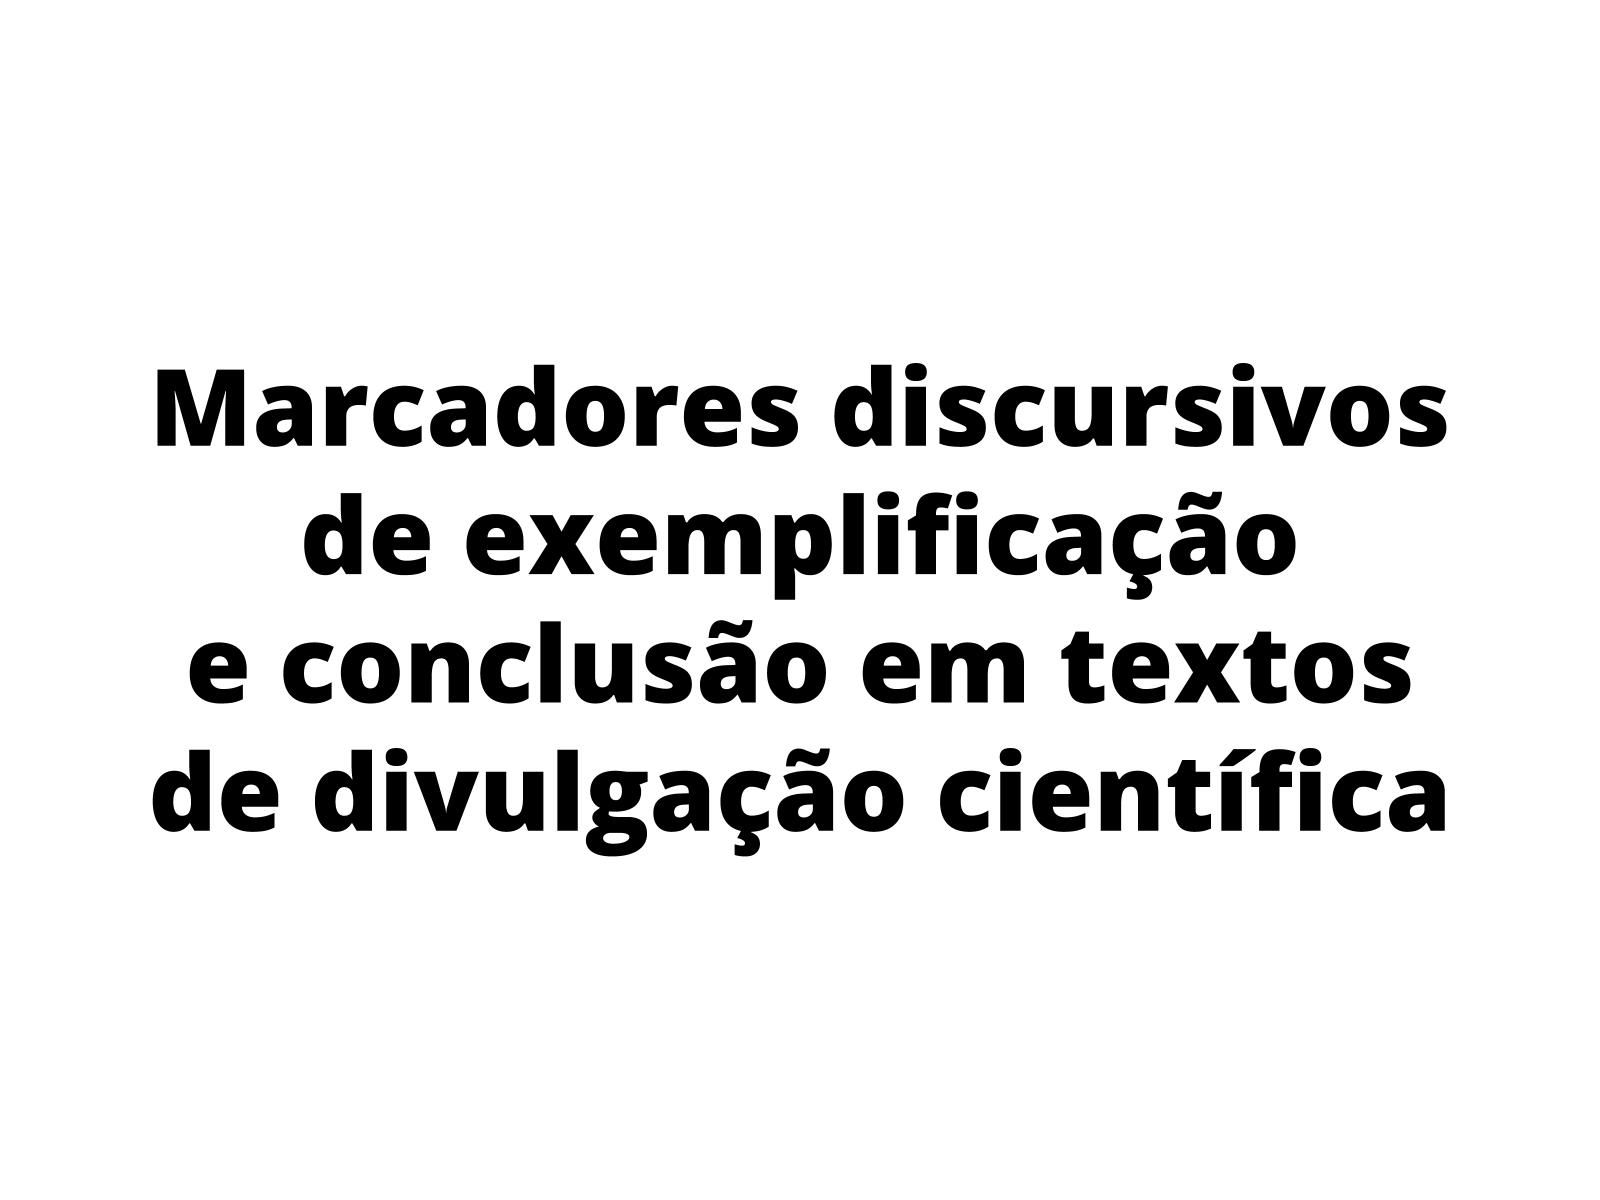 Marcadores discursivos de exemplificação e conclusão em textos de divulgação científica.